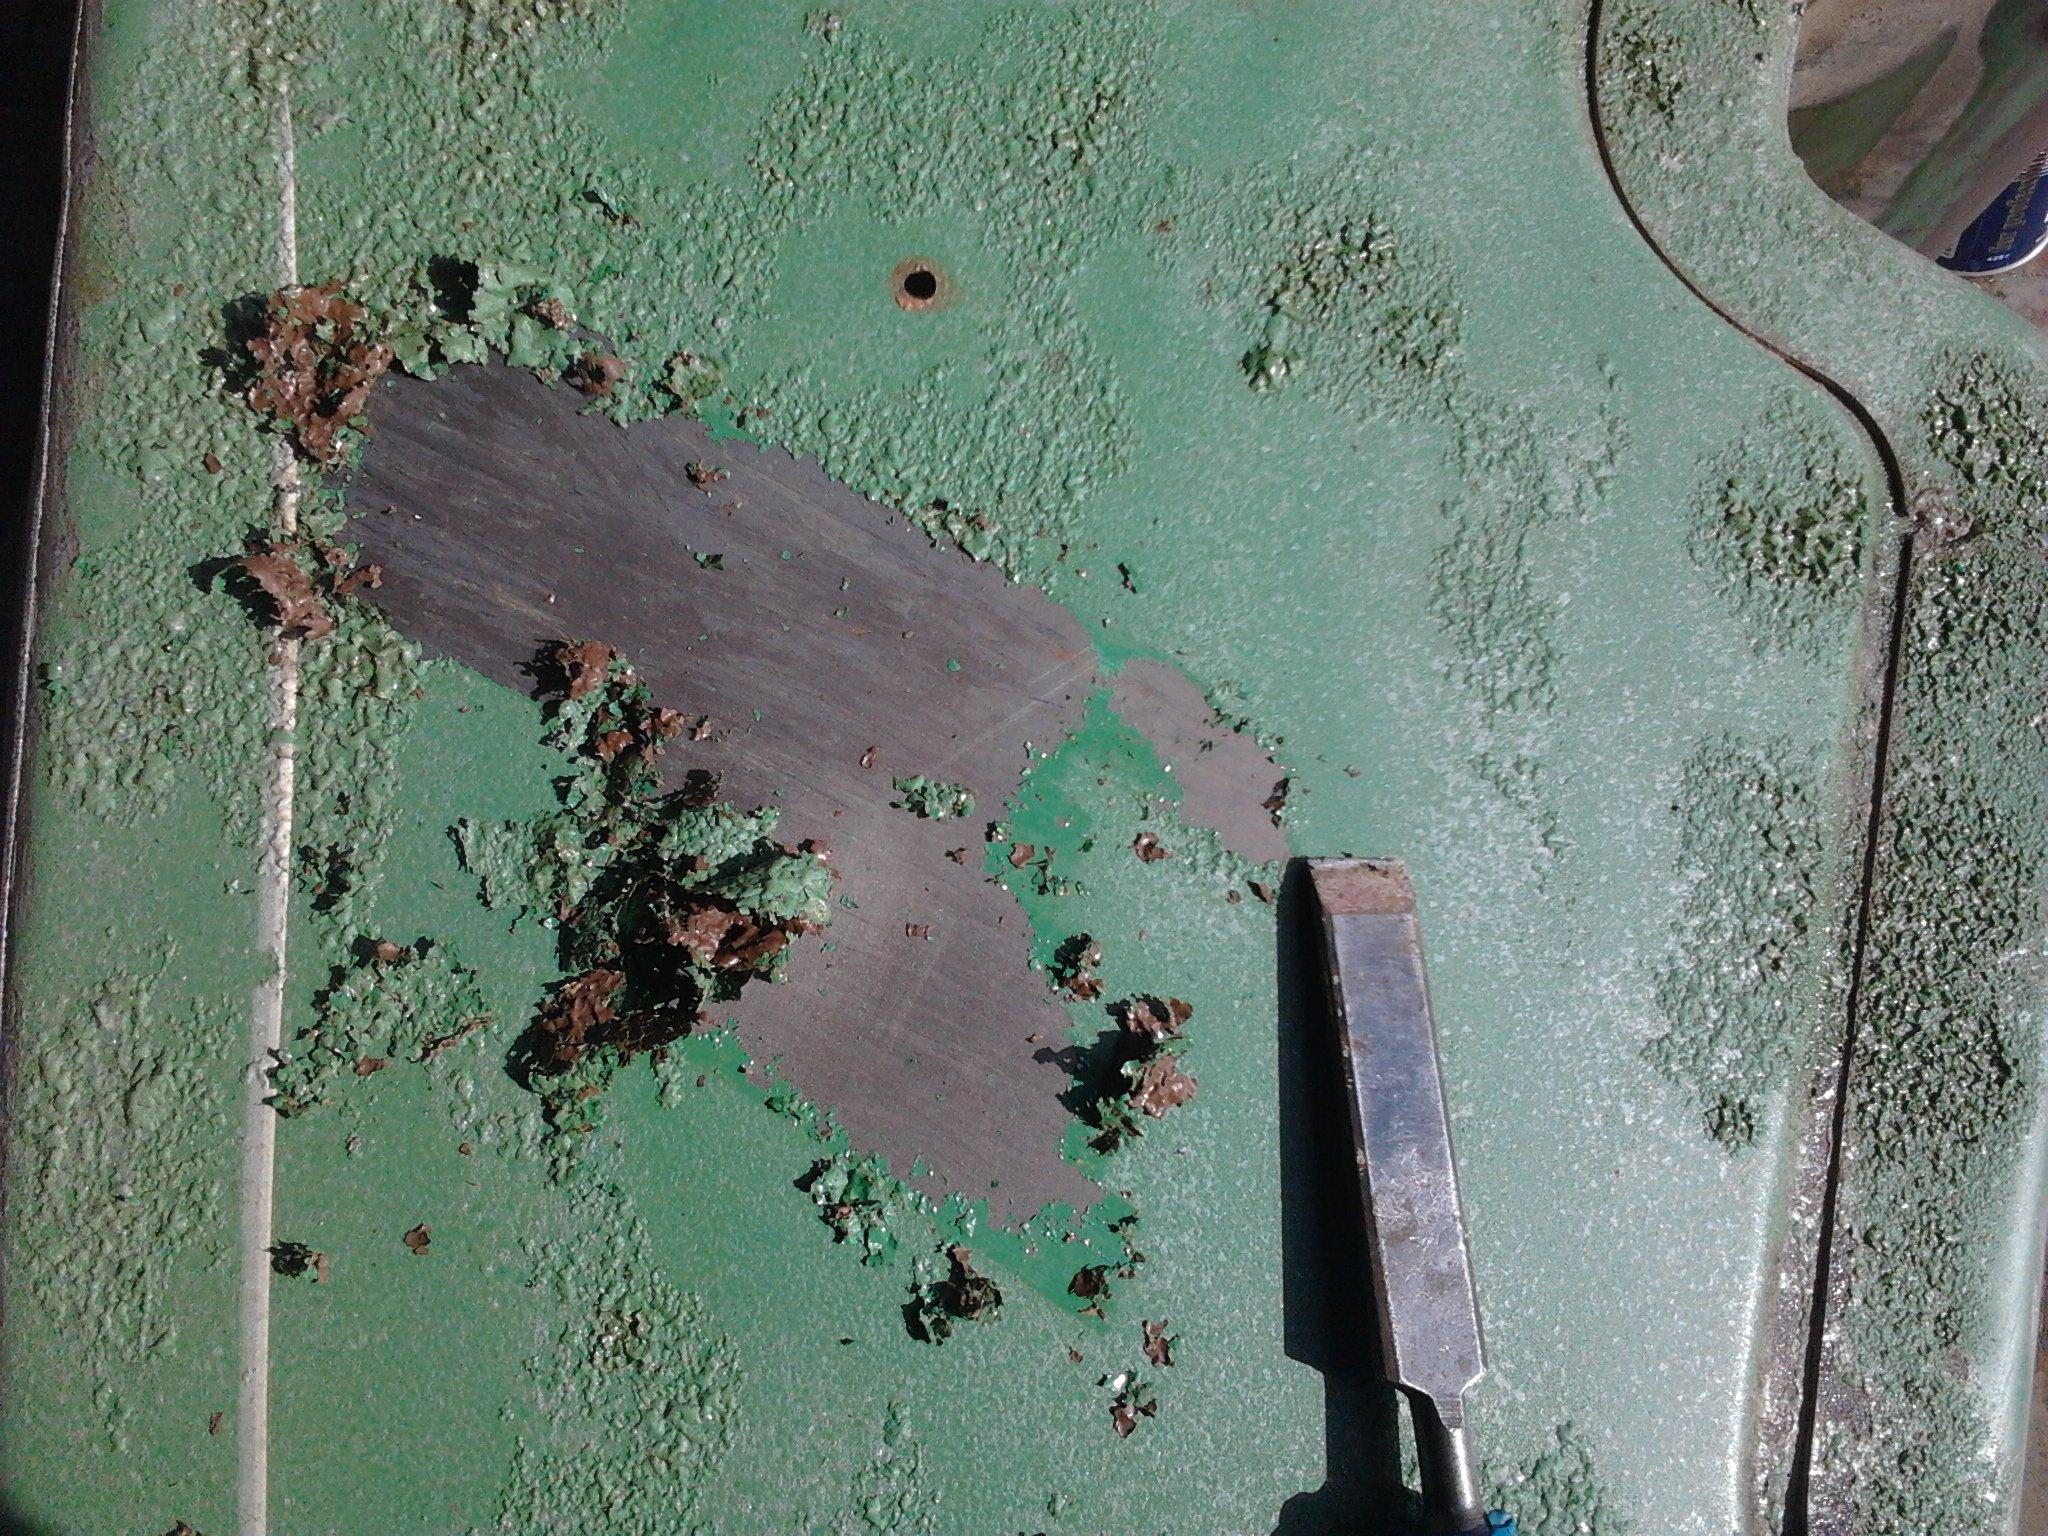 Лучше потратить несколько часов на удаление старого покрытия, нежели потом дополнительно вкладываться в реставрацию нового